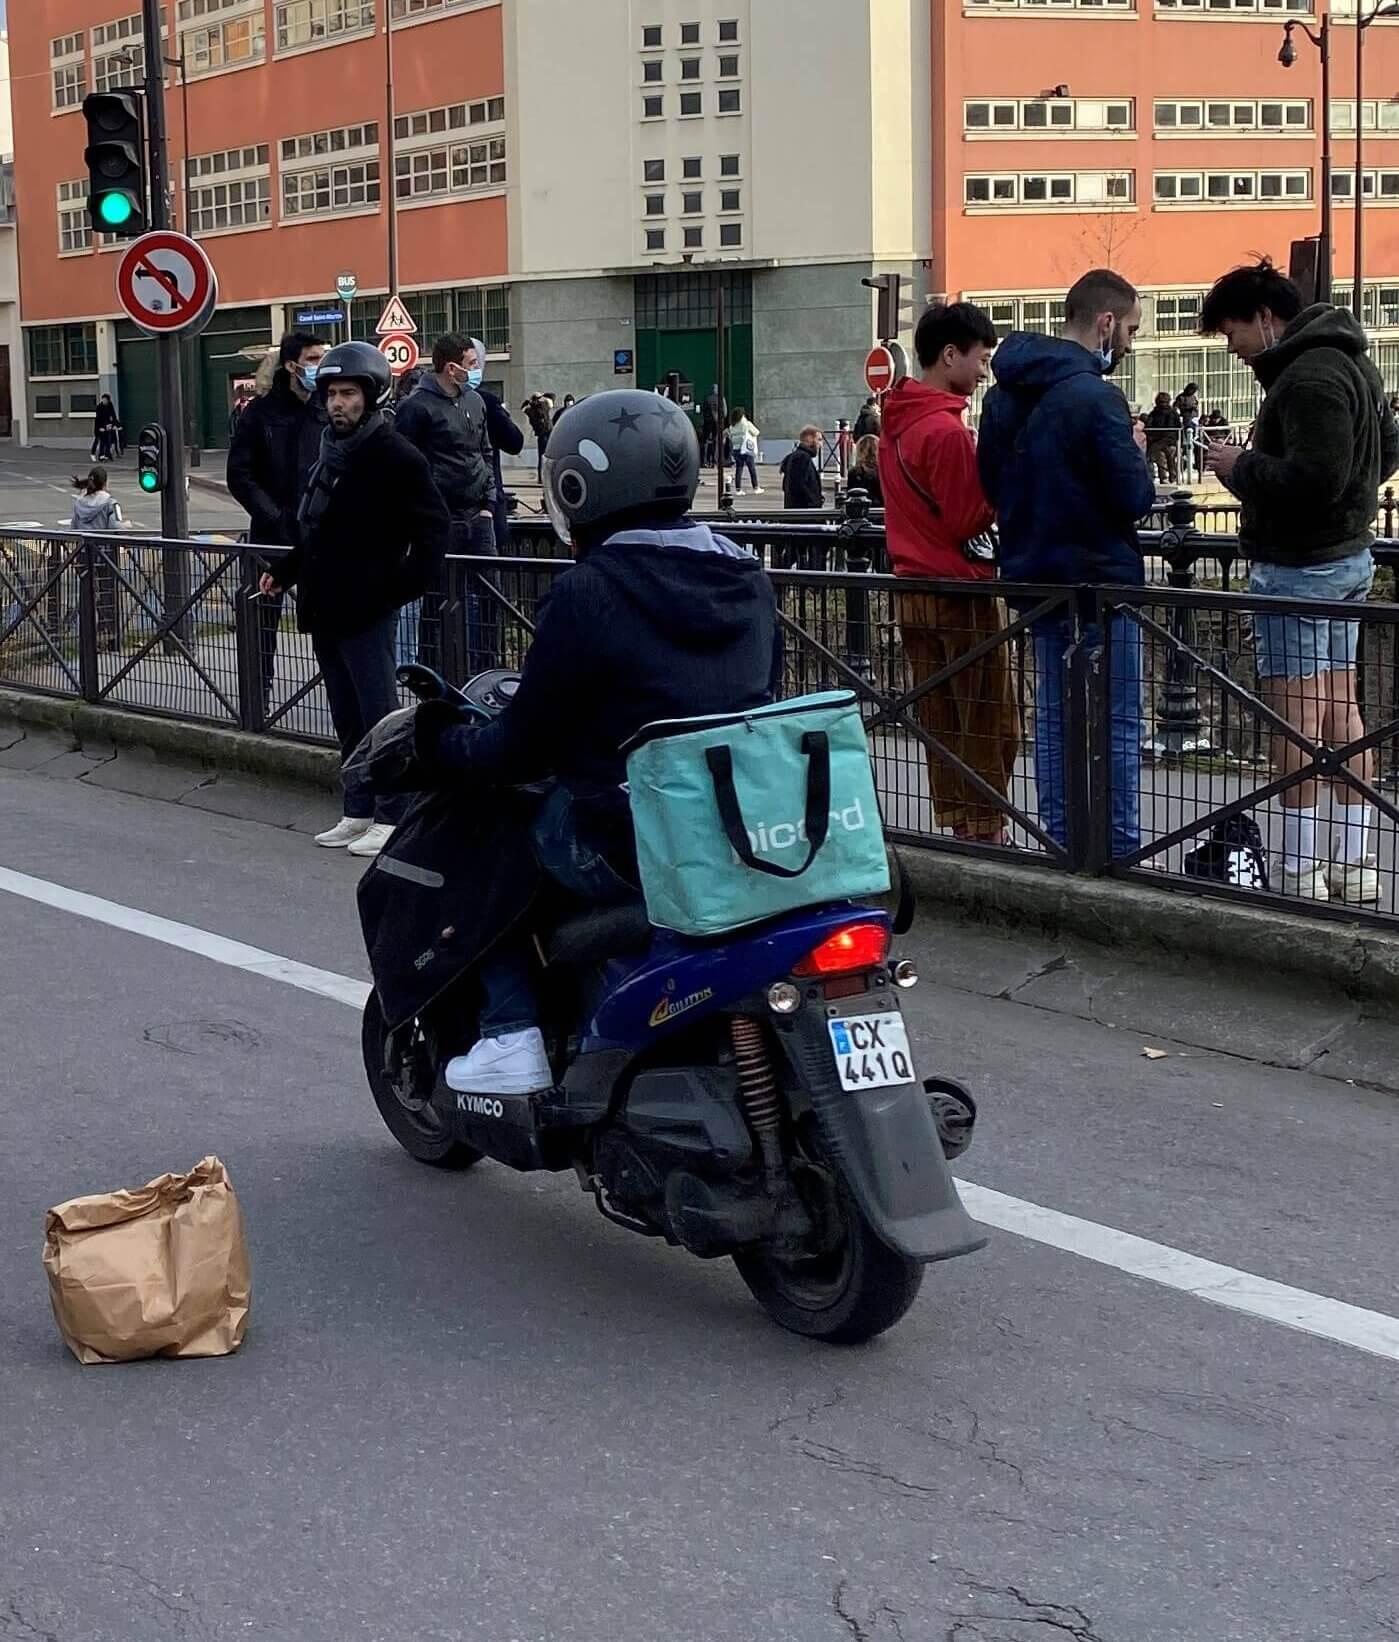 Livreurs de repas à scooter : quelle réglementation ?